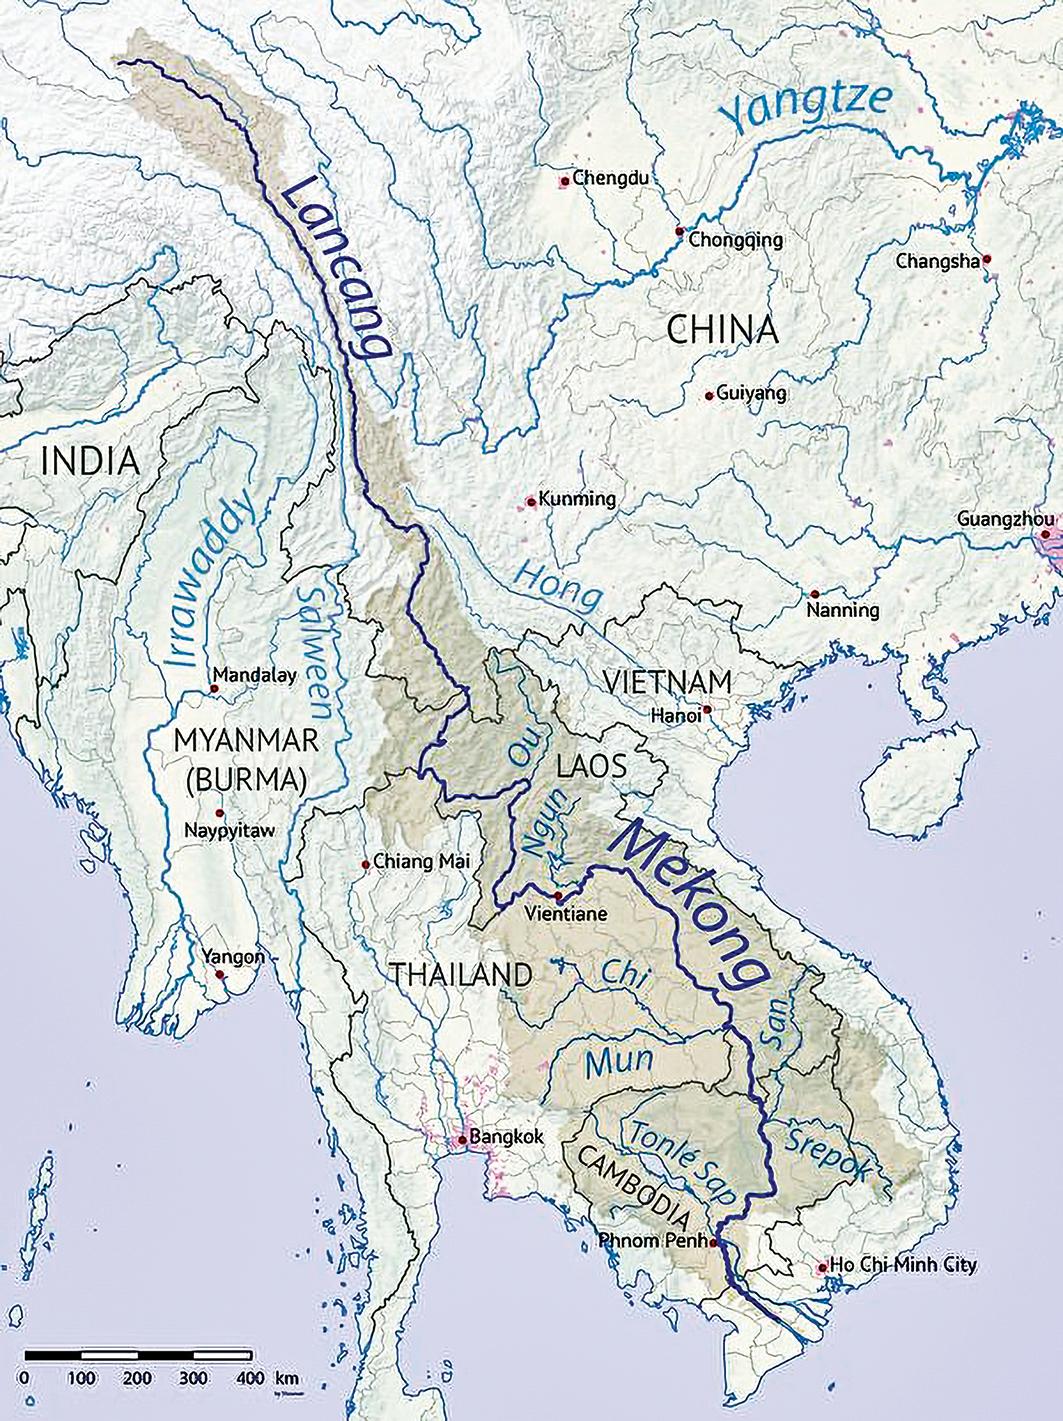 瀾滄江的下游、流出中國國界後是湄公河,流經老撾、緬甸、泰國、柬埔寨和越南。中共在湄公河流域投資建設眾多大型基建項目,對湄公河流域百姓的生計卻造成直接威脅。(wikipedia)